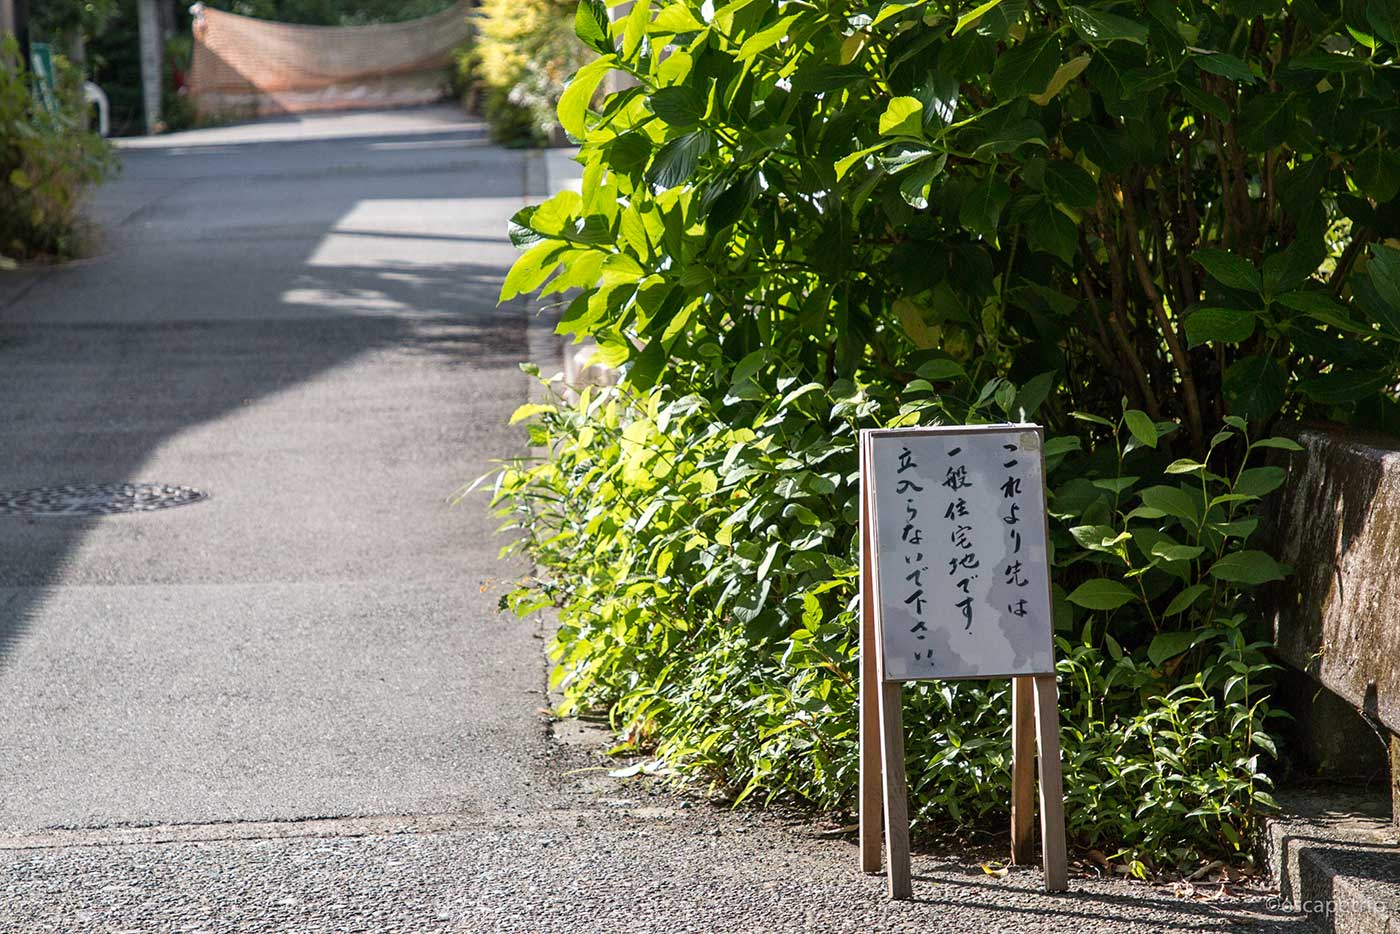 鎌倉の路地は立入禁止